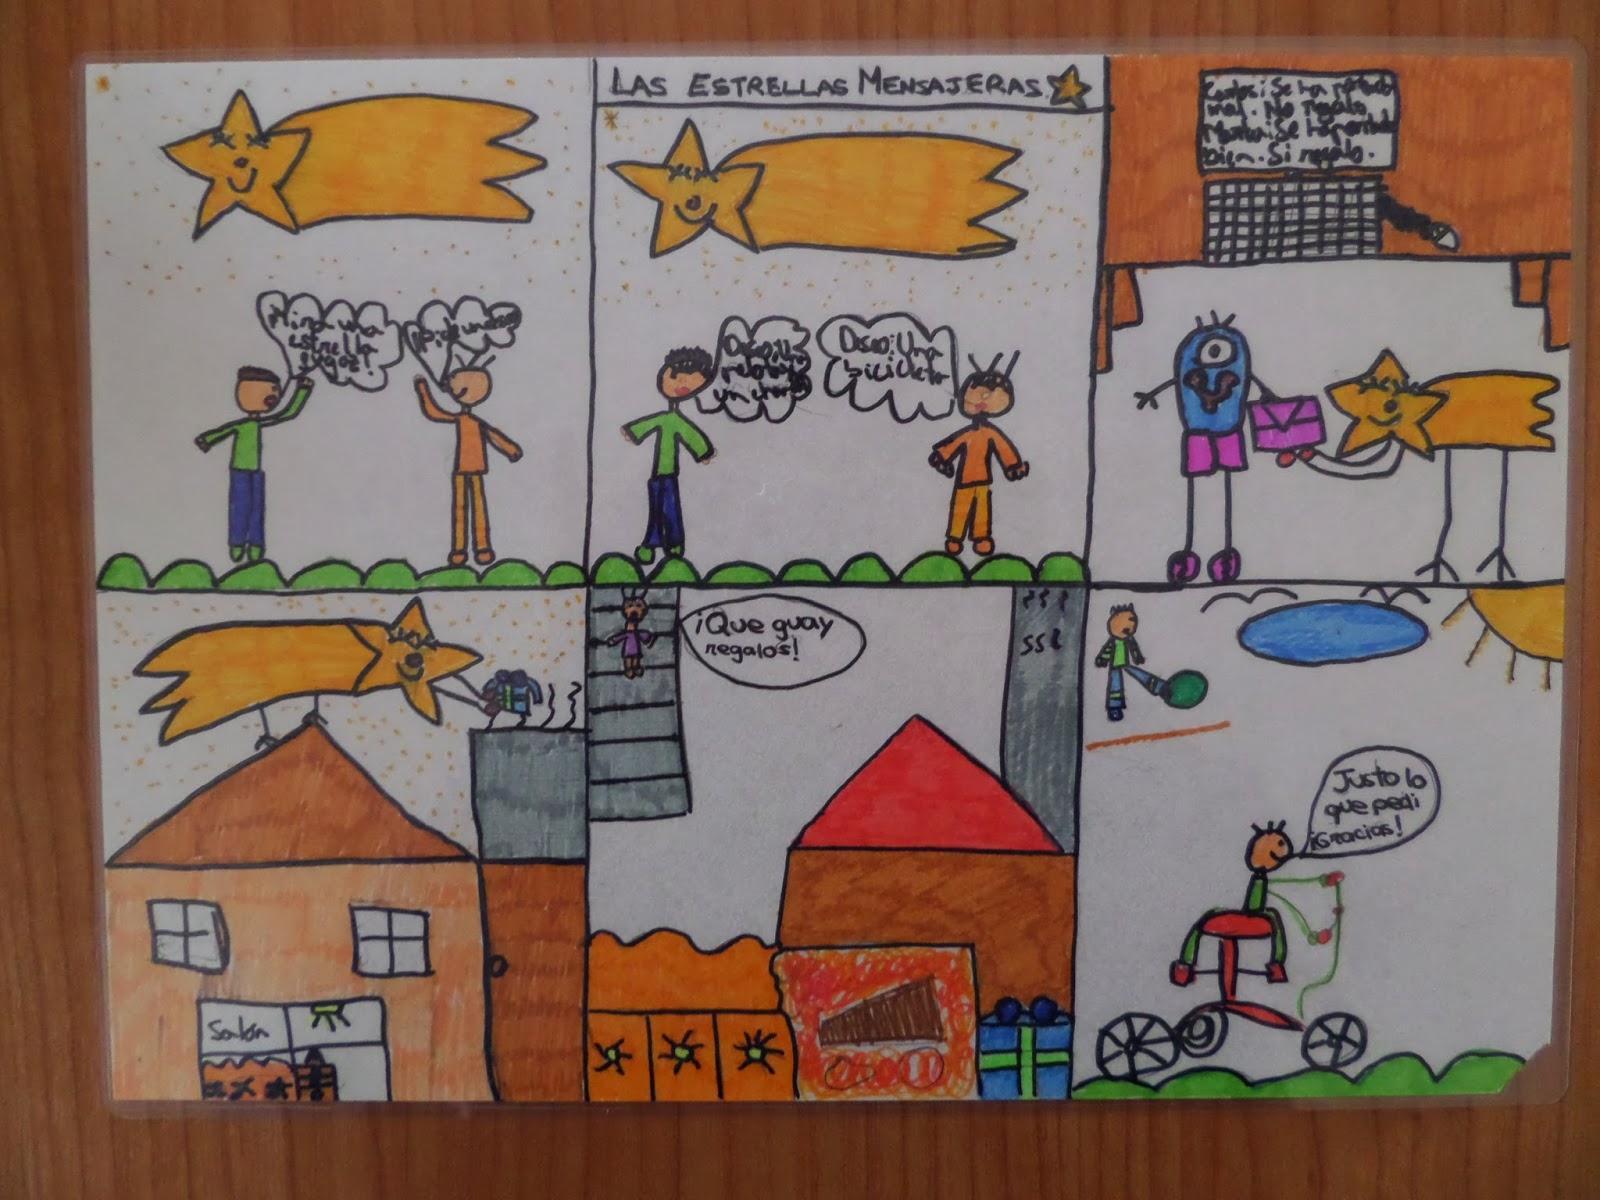 http://elmarescolorazul.blogspot.com.es/2014/03/creamos-nuestro-comic-secuencia.html